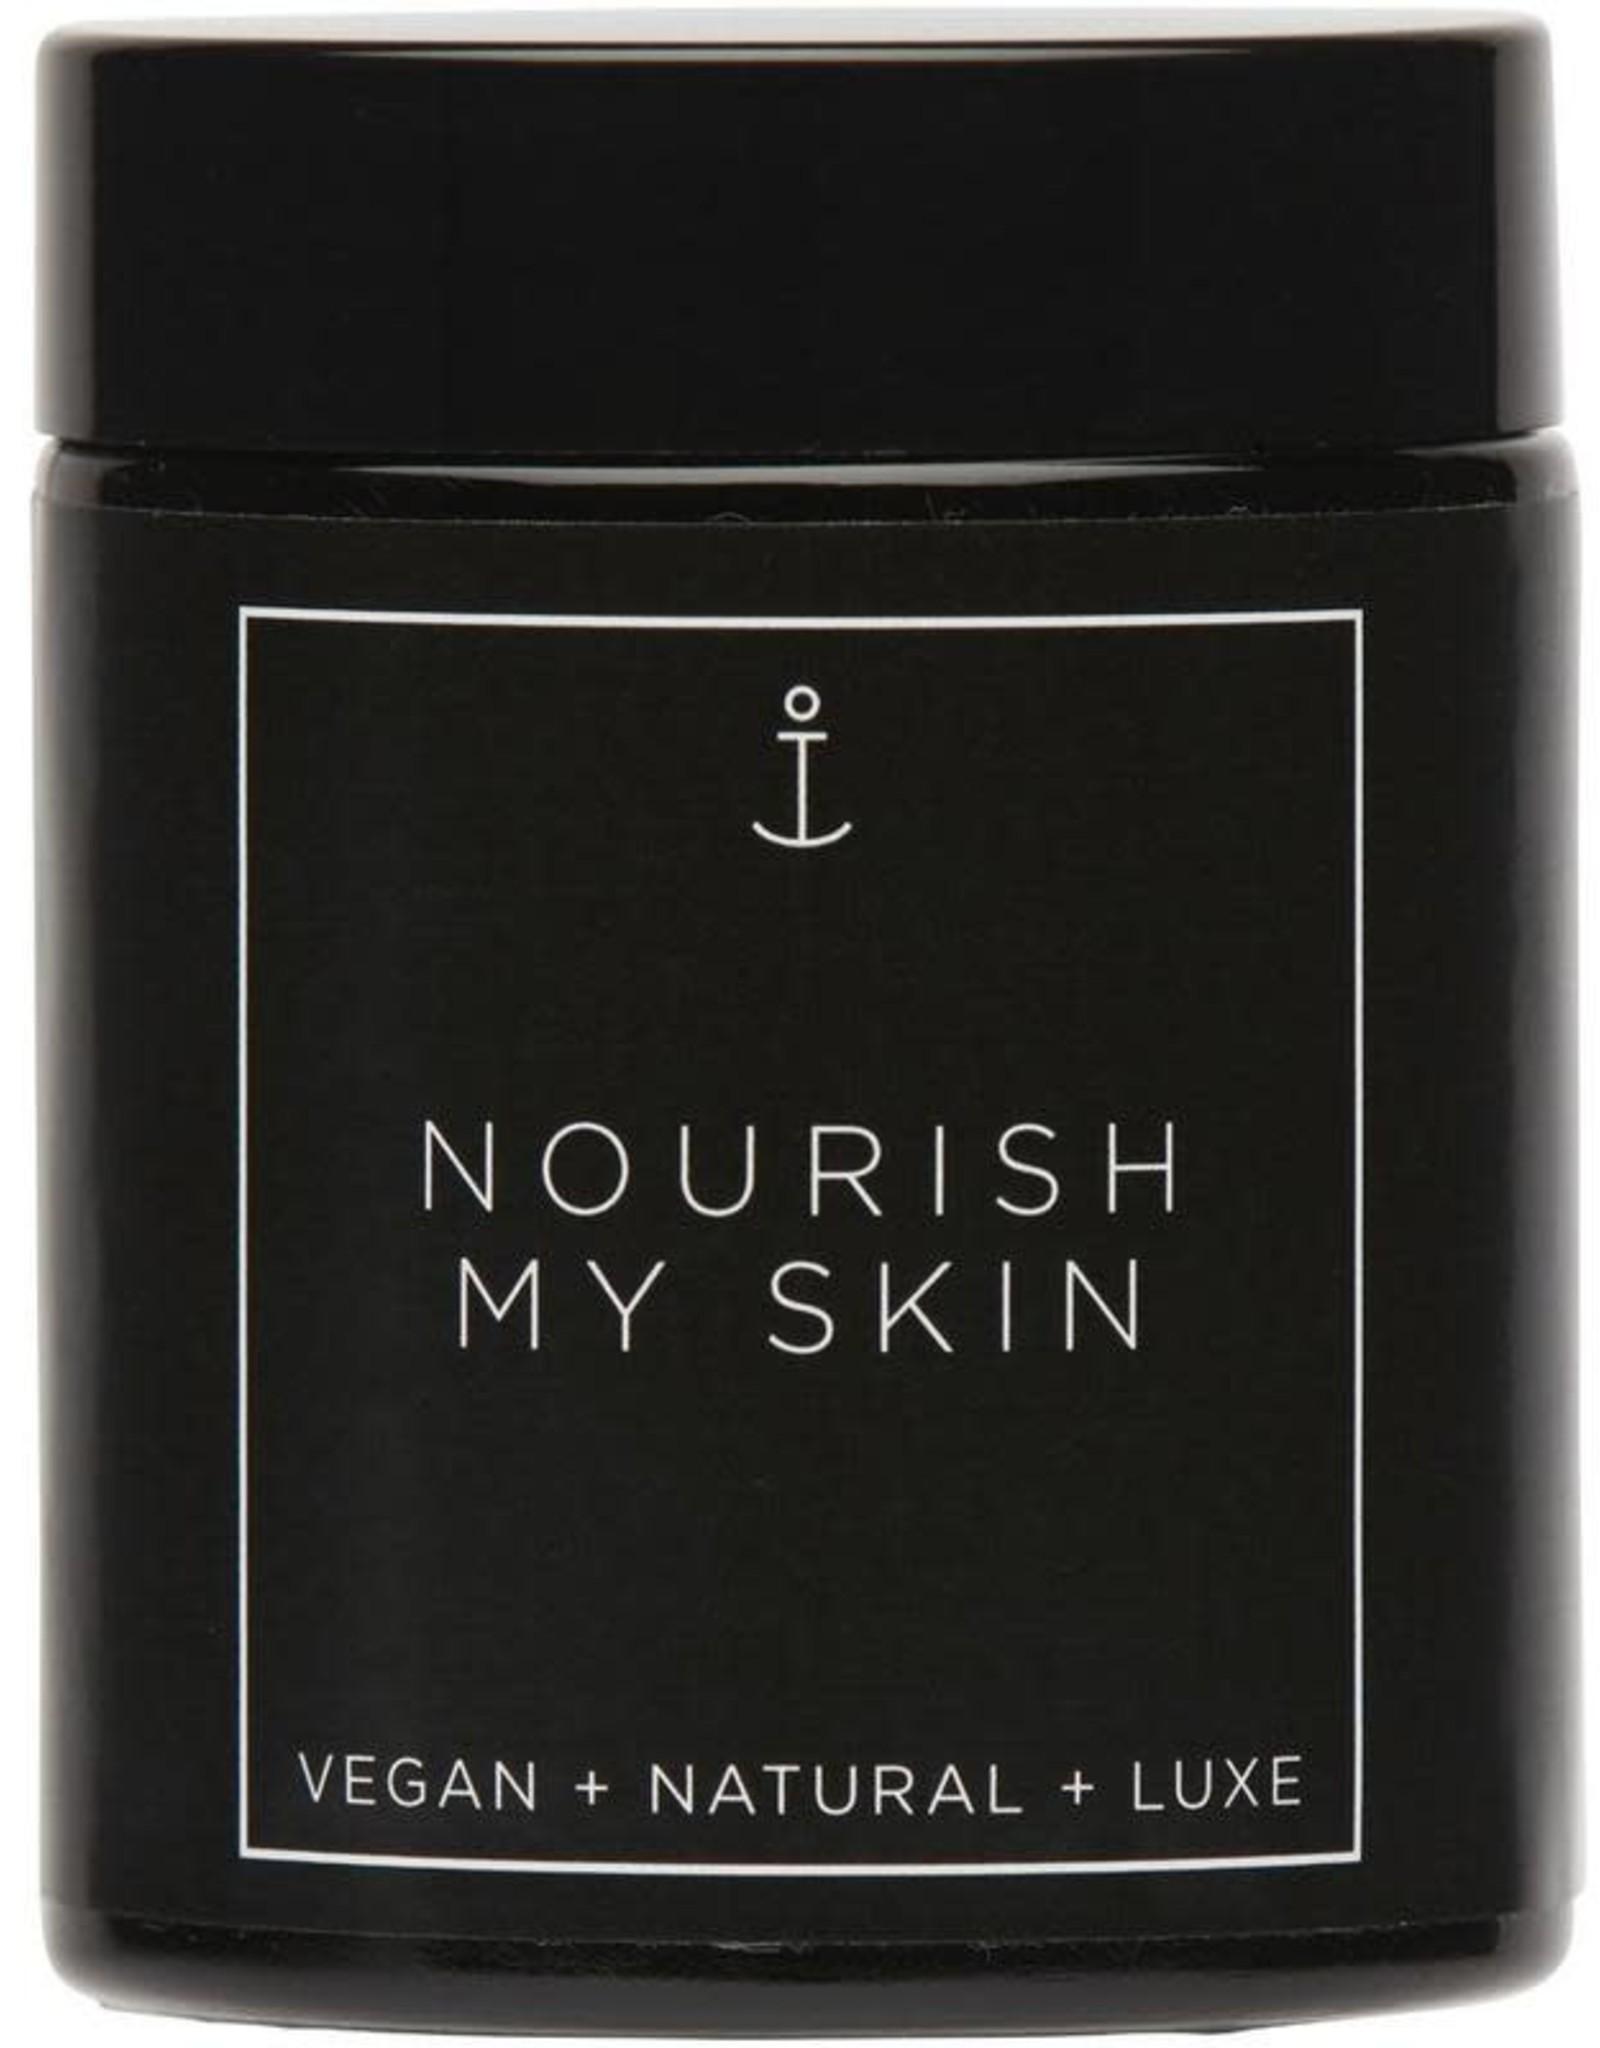 Nourish My Skin Body Cream